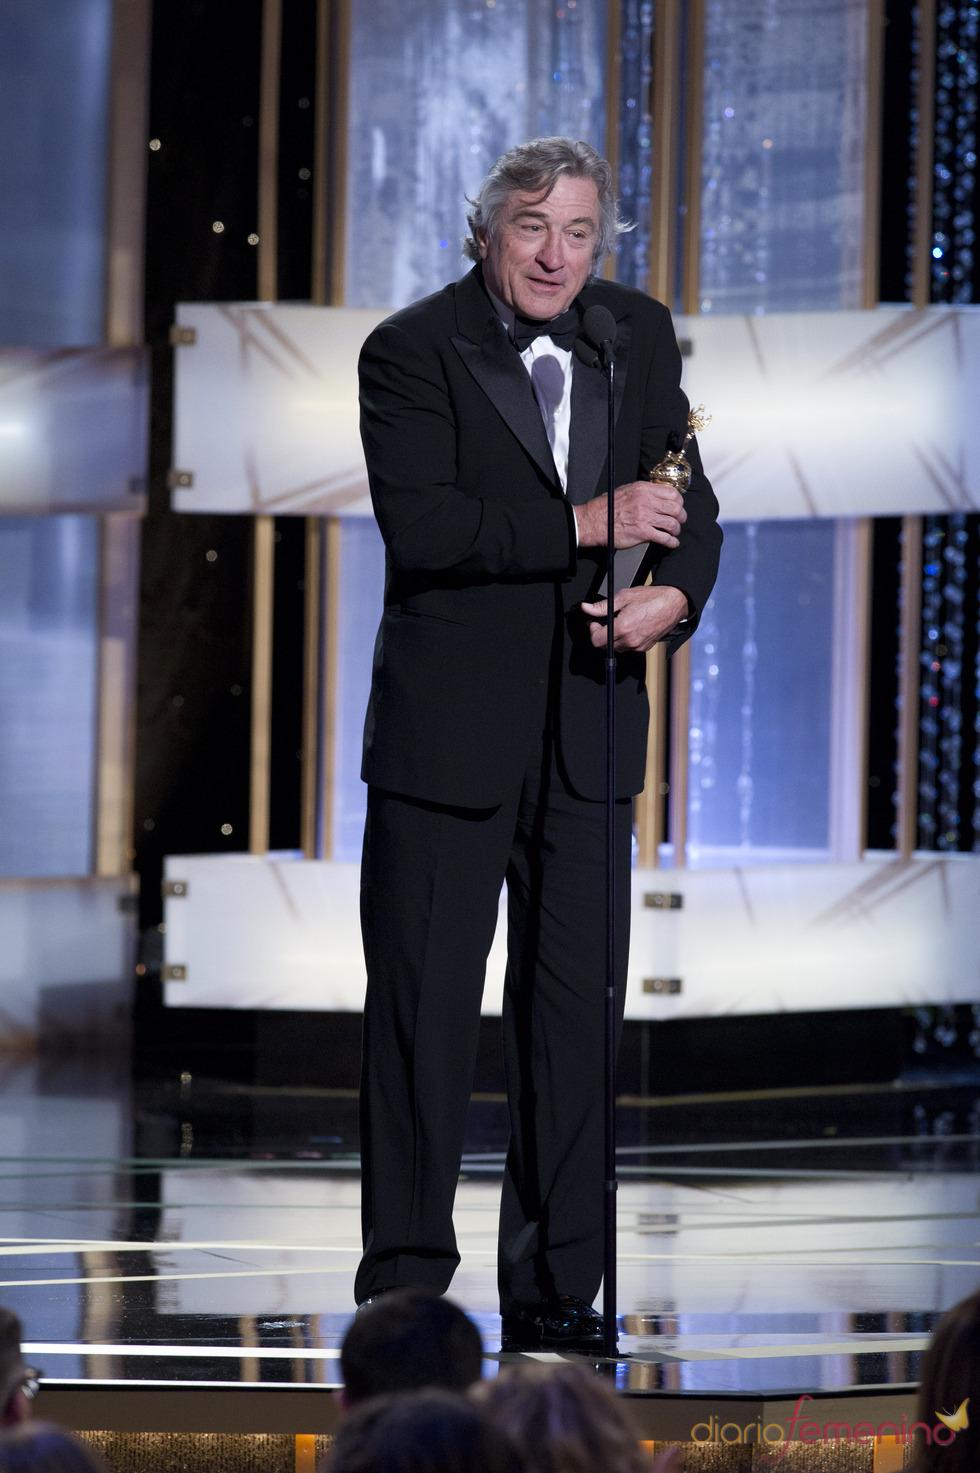 Robert De Niro galardonado en los Globos de Oro 2011